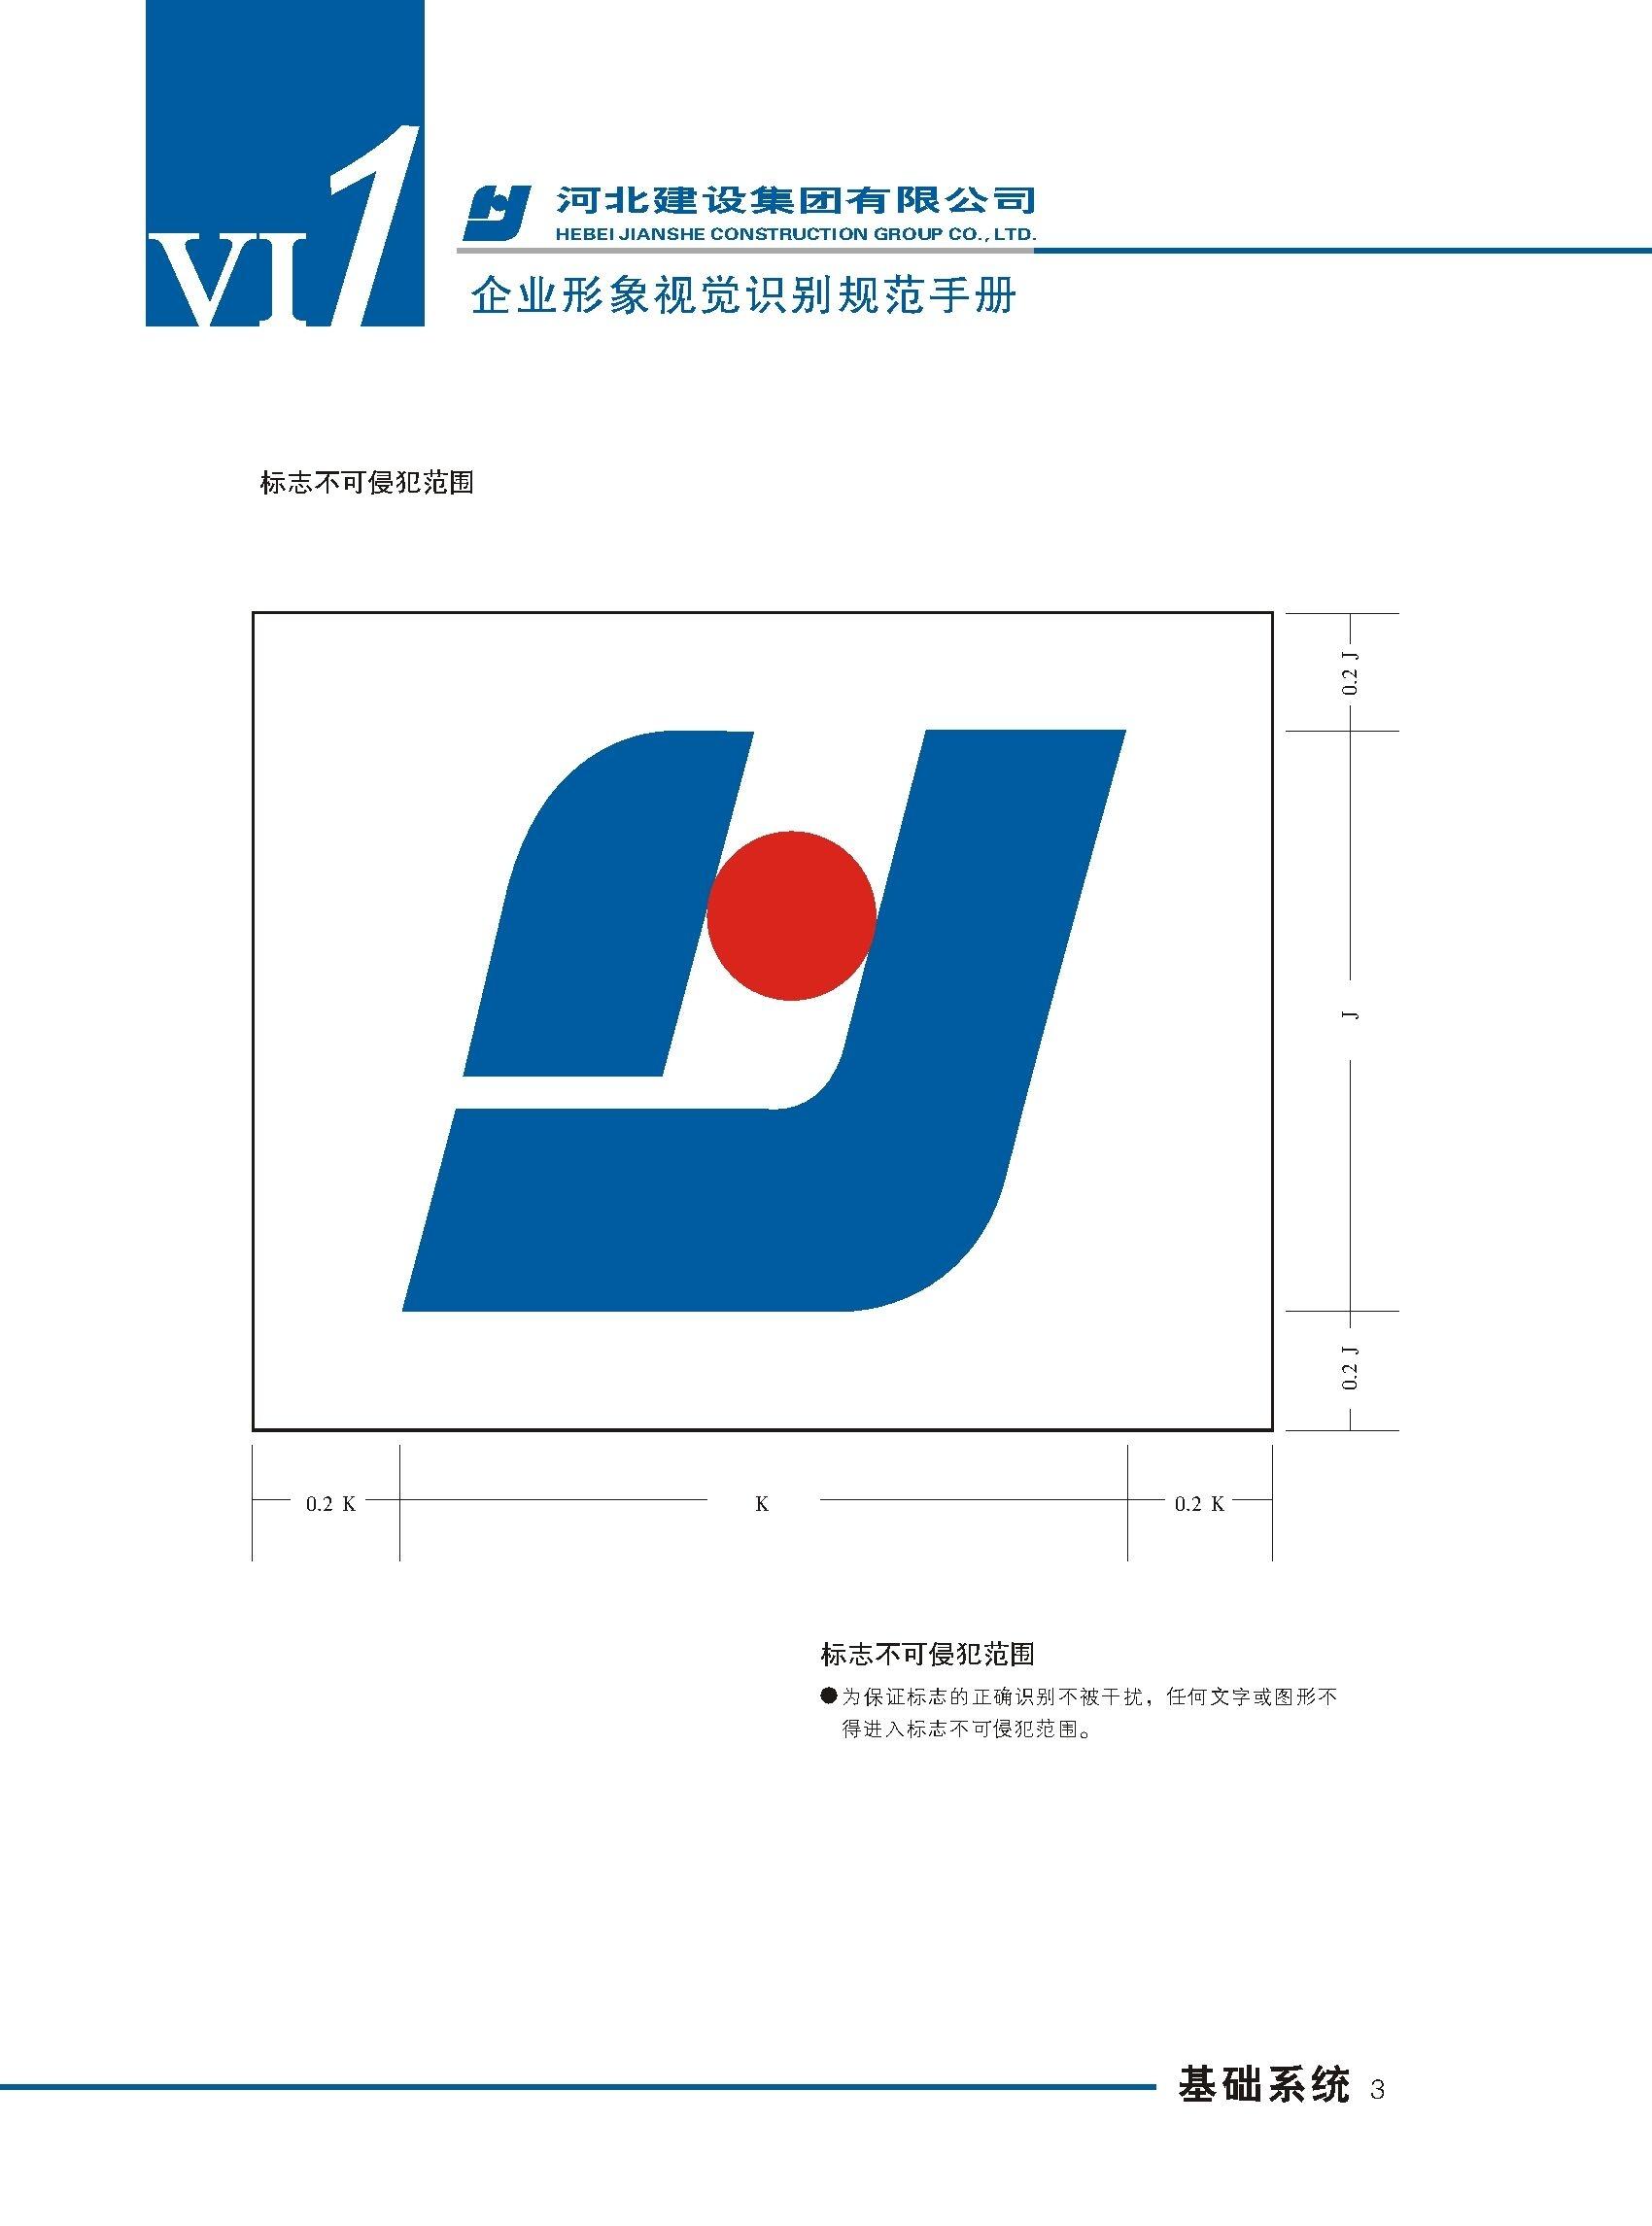 河北建设集团股份有限公司